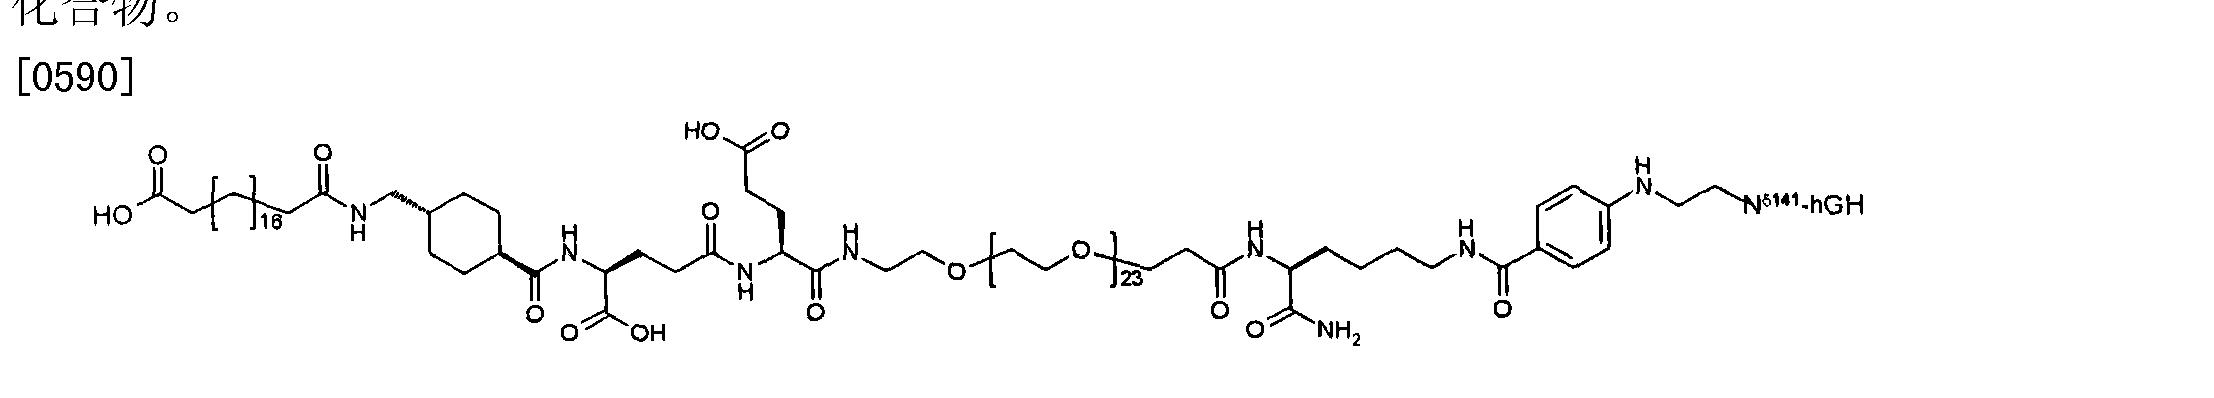 Figure CN102112157BD00622